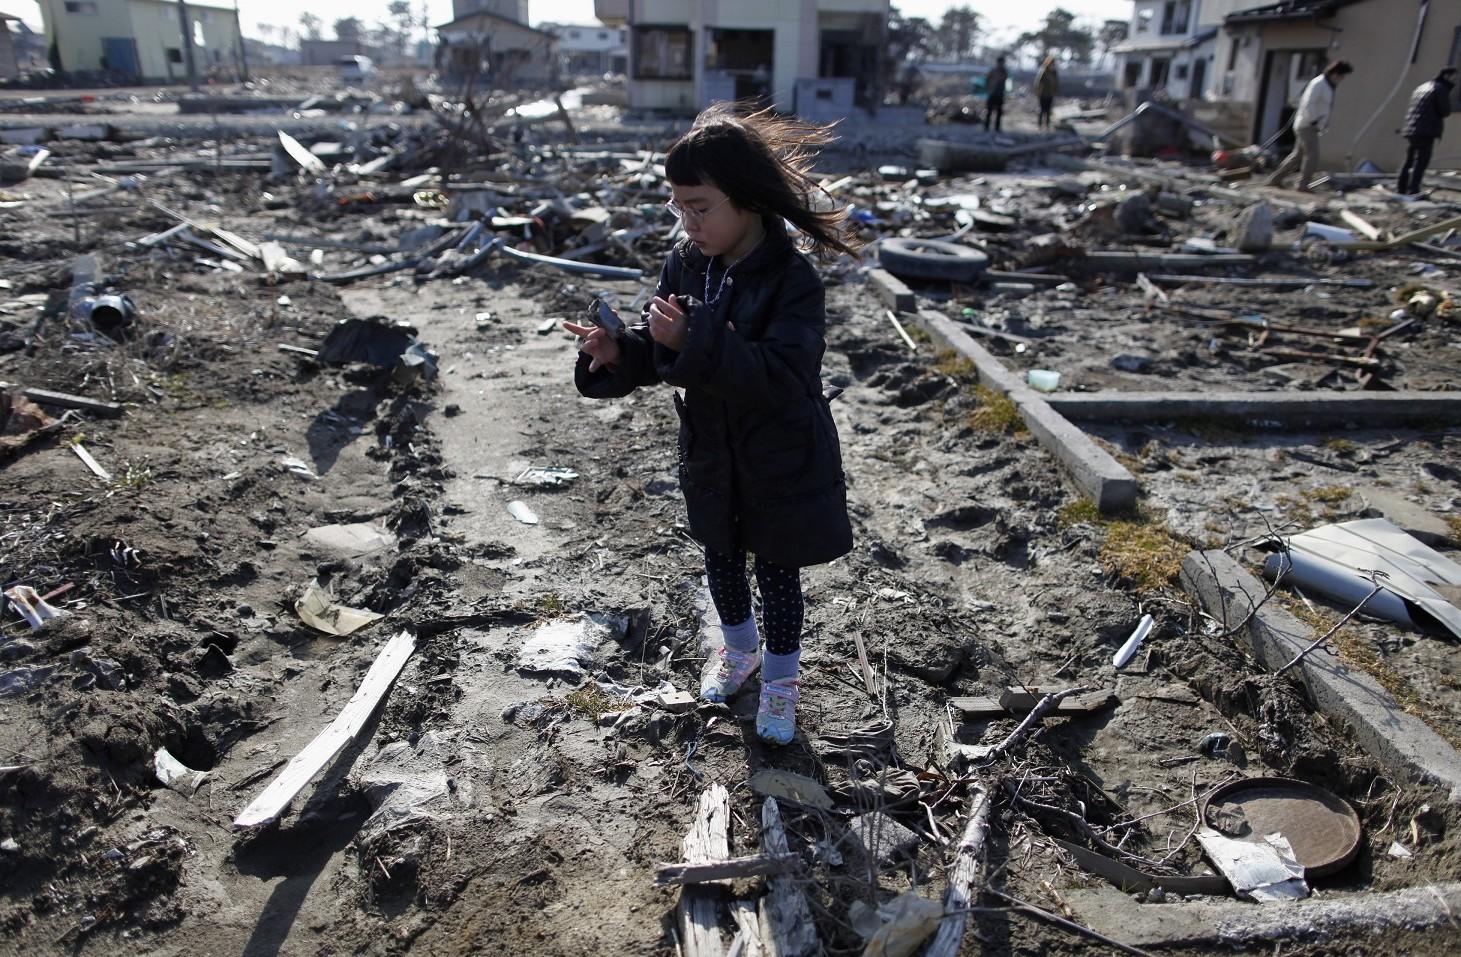 Fukushima oggi: la situazione a 6 anni dal disastro